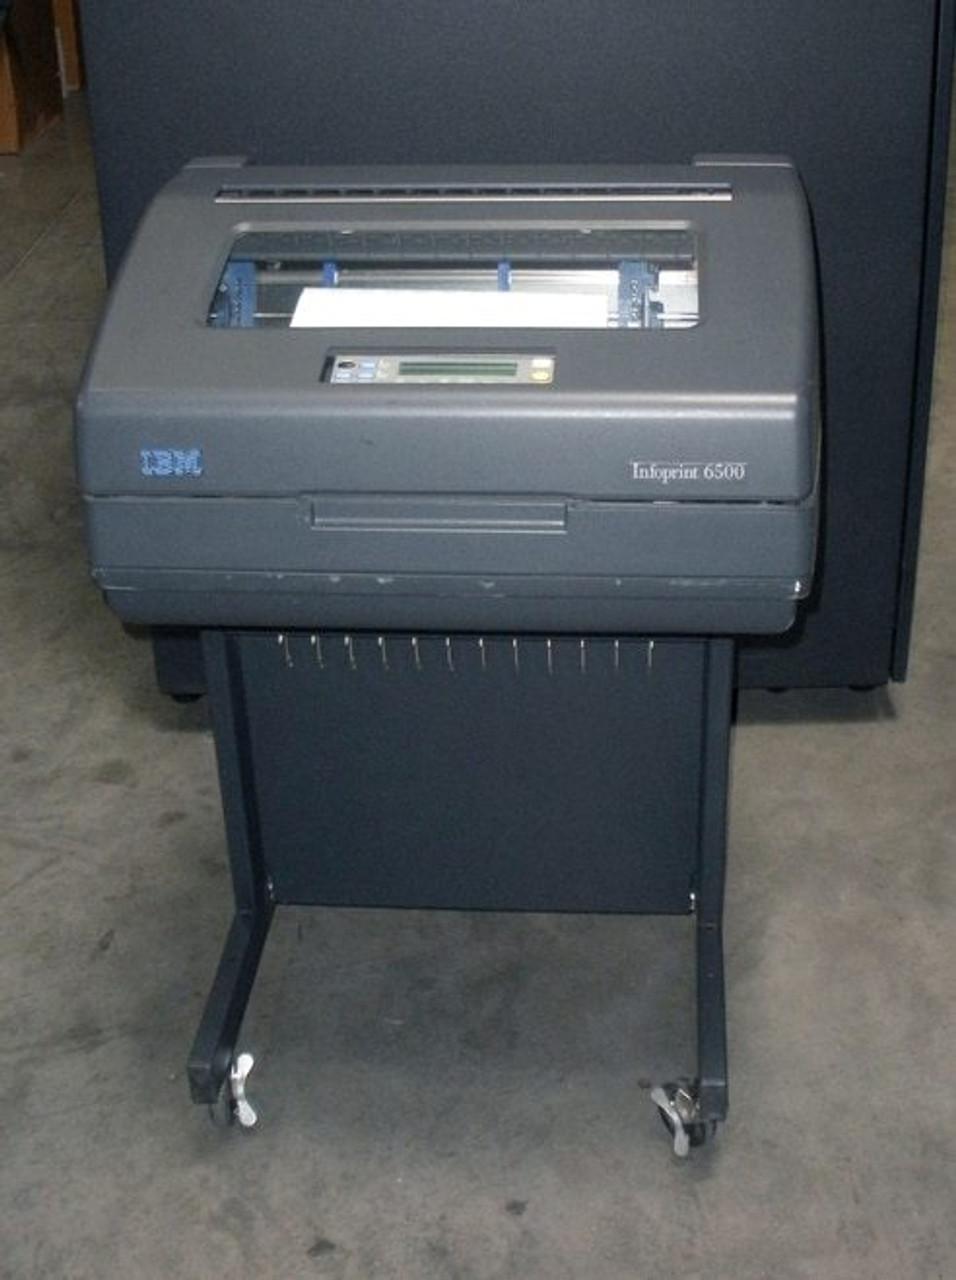 IBM 6500-V1P Infoprint